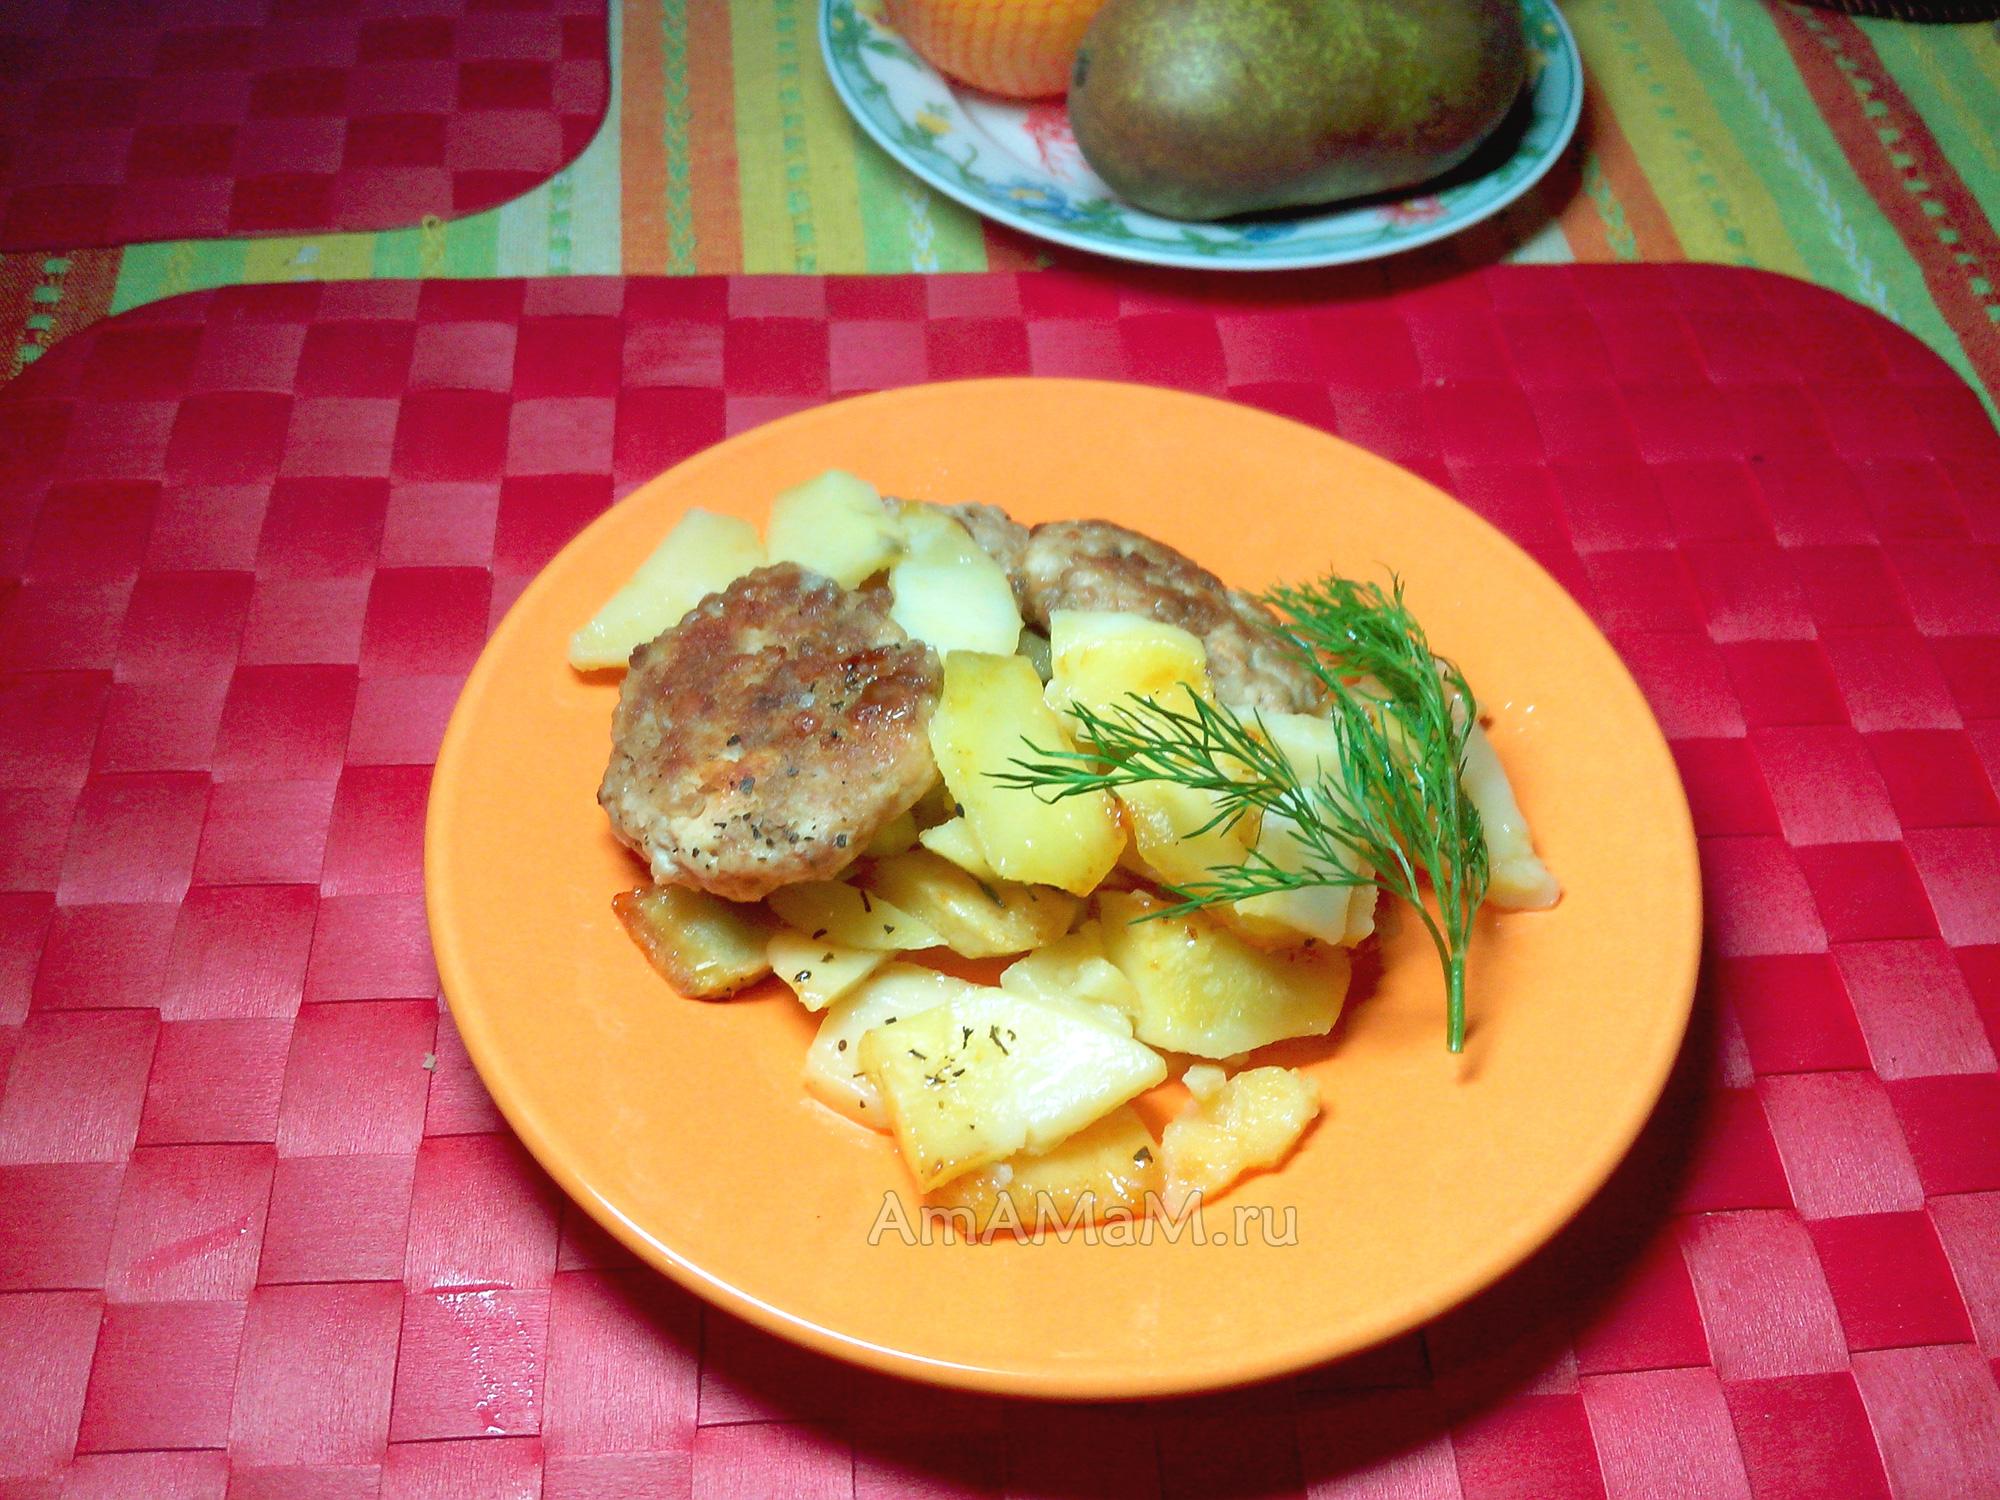 Рецепты легких блюд на ужин с пошагово